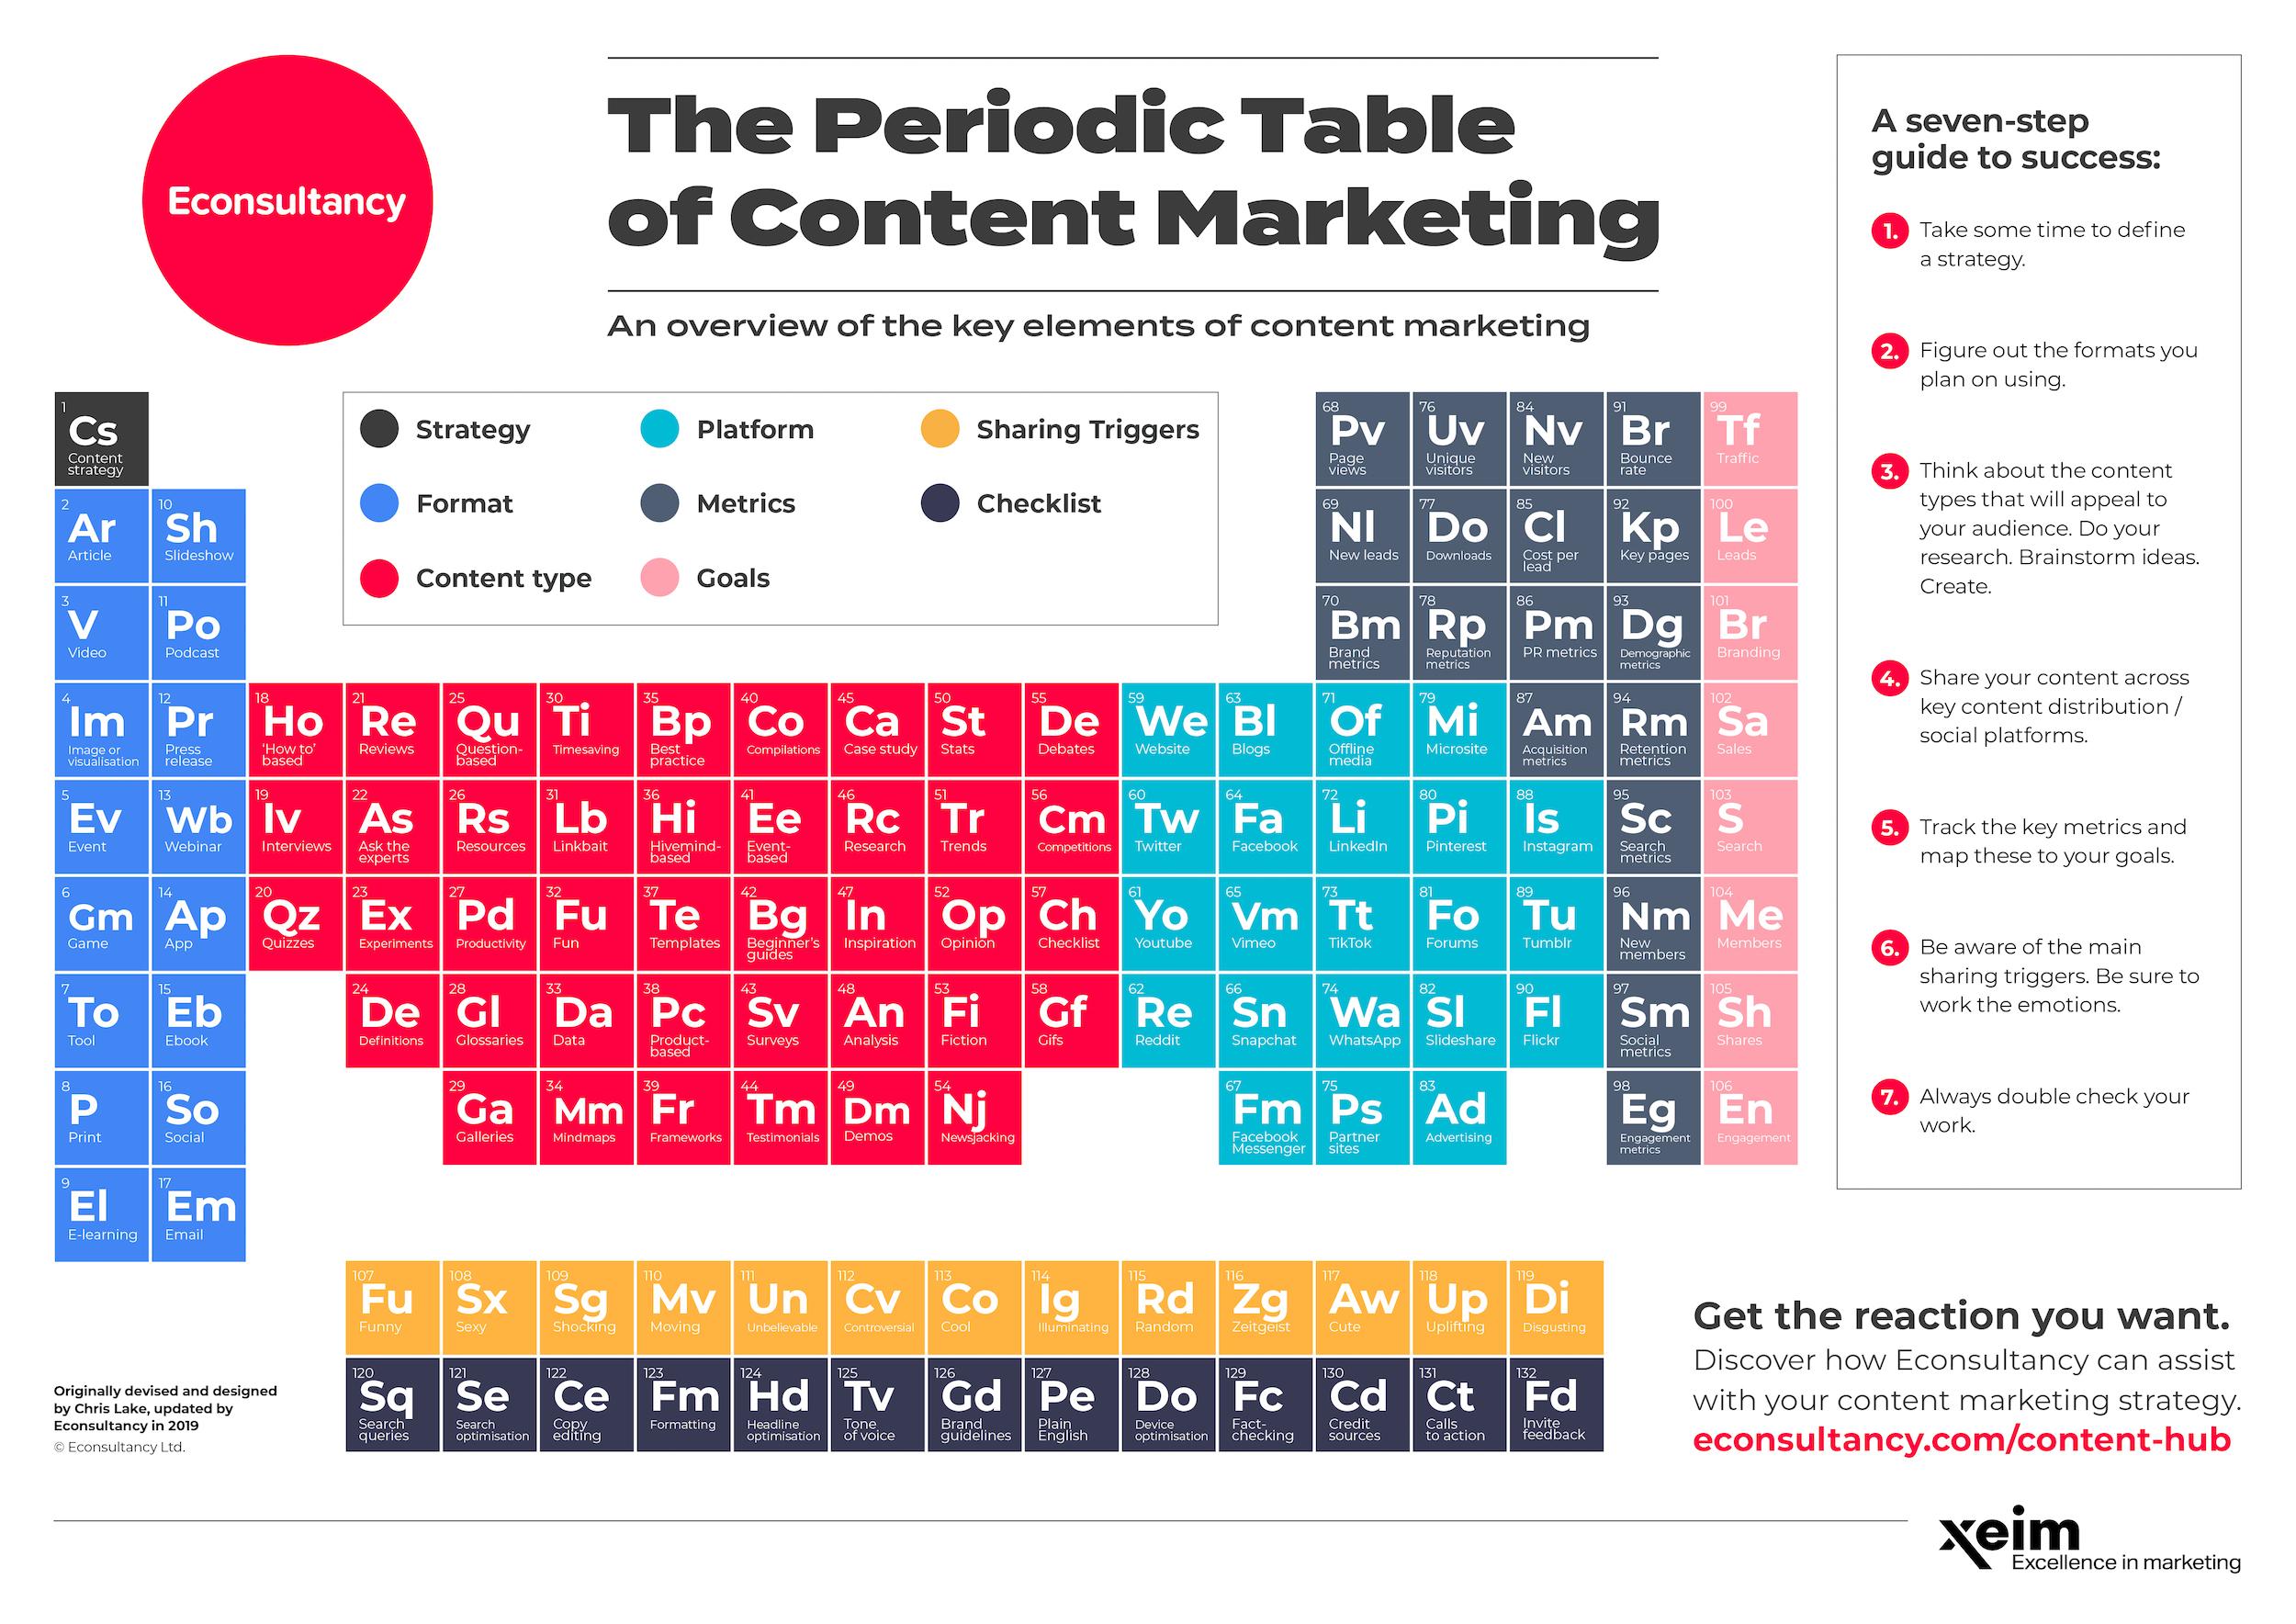 Bàng tuần hoàn Content Marketing